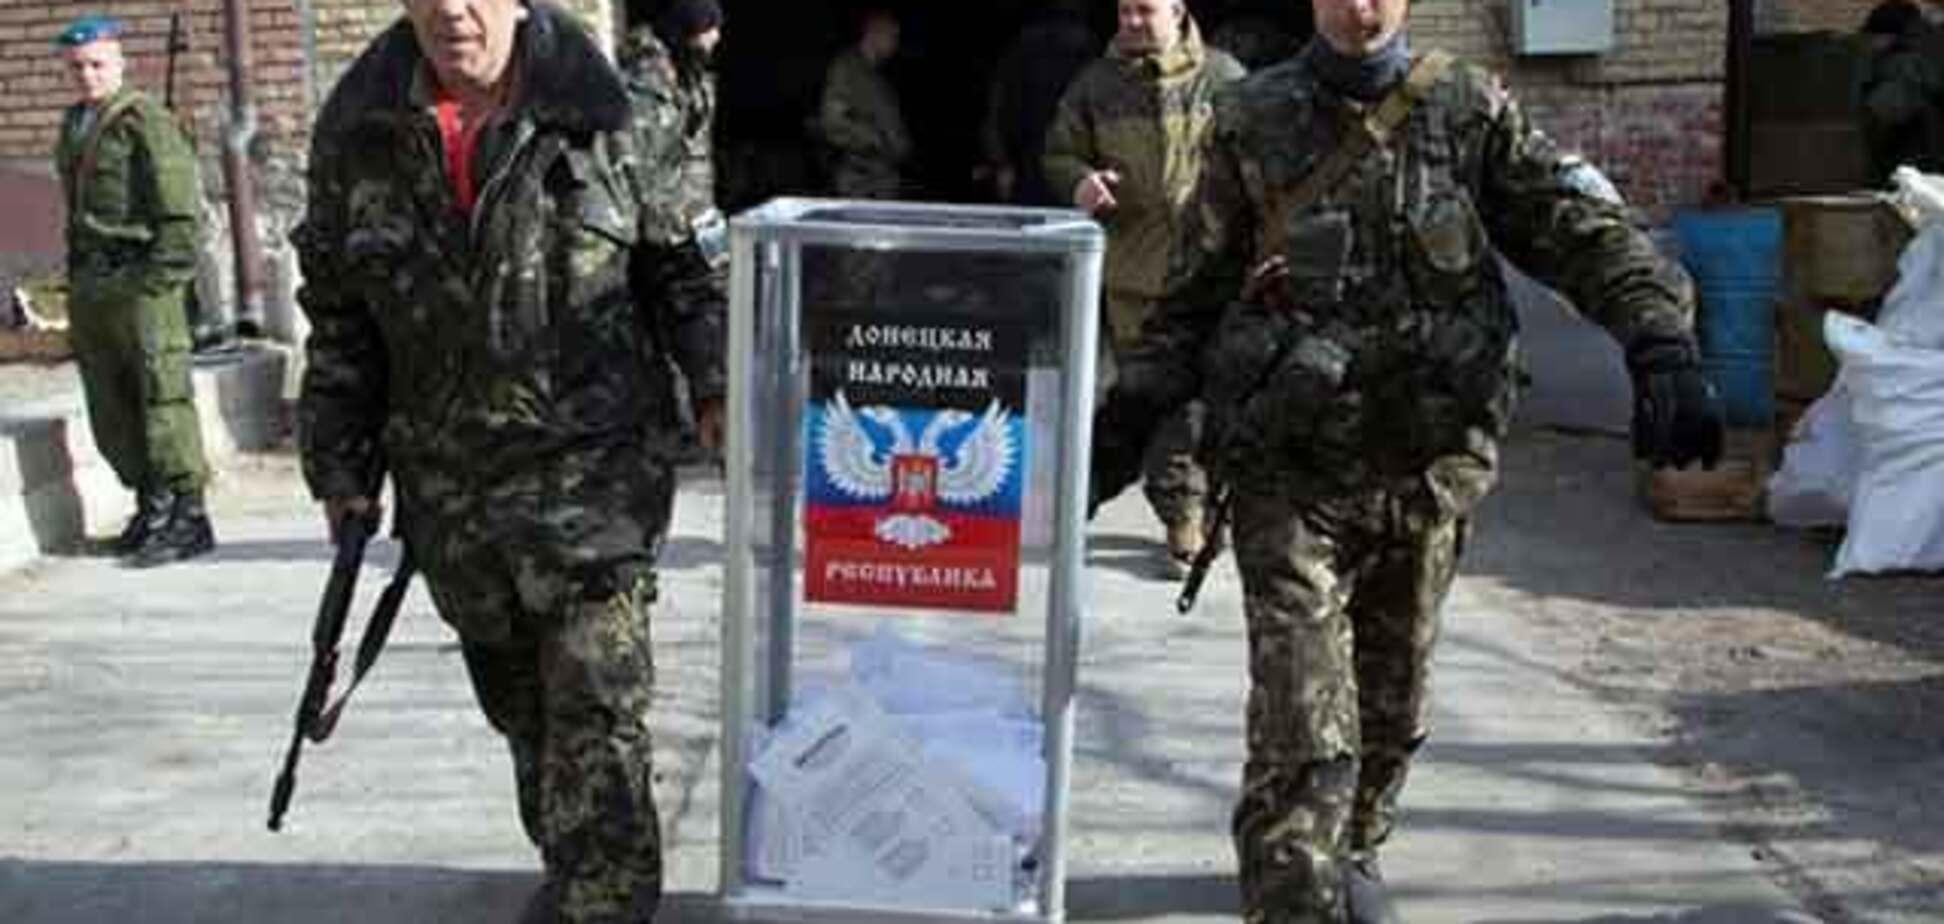 'Готовятся вернуться в Украину': россиянин раскрыл цель 'выборов' в 'ДНР'